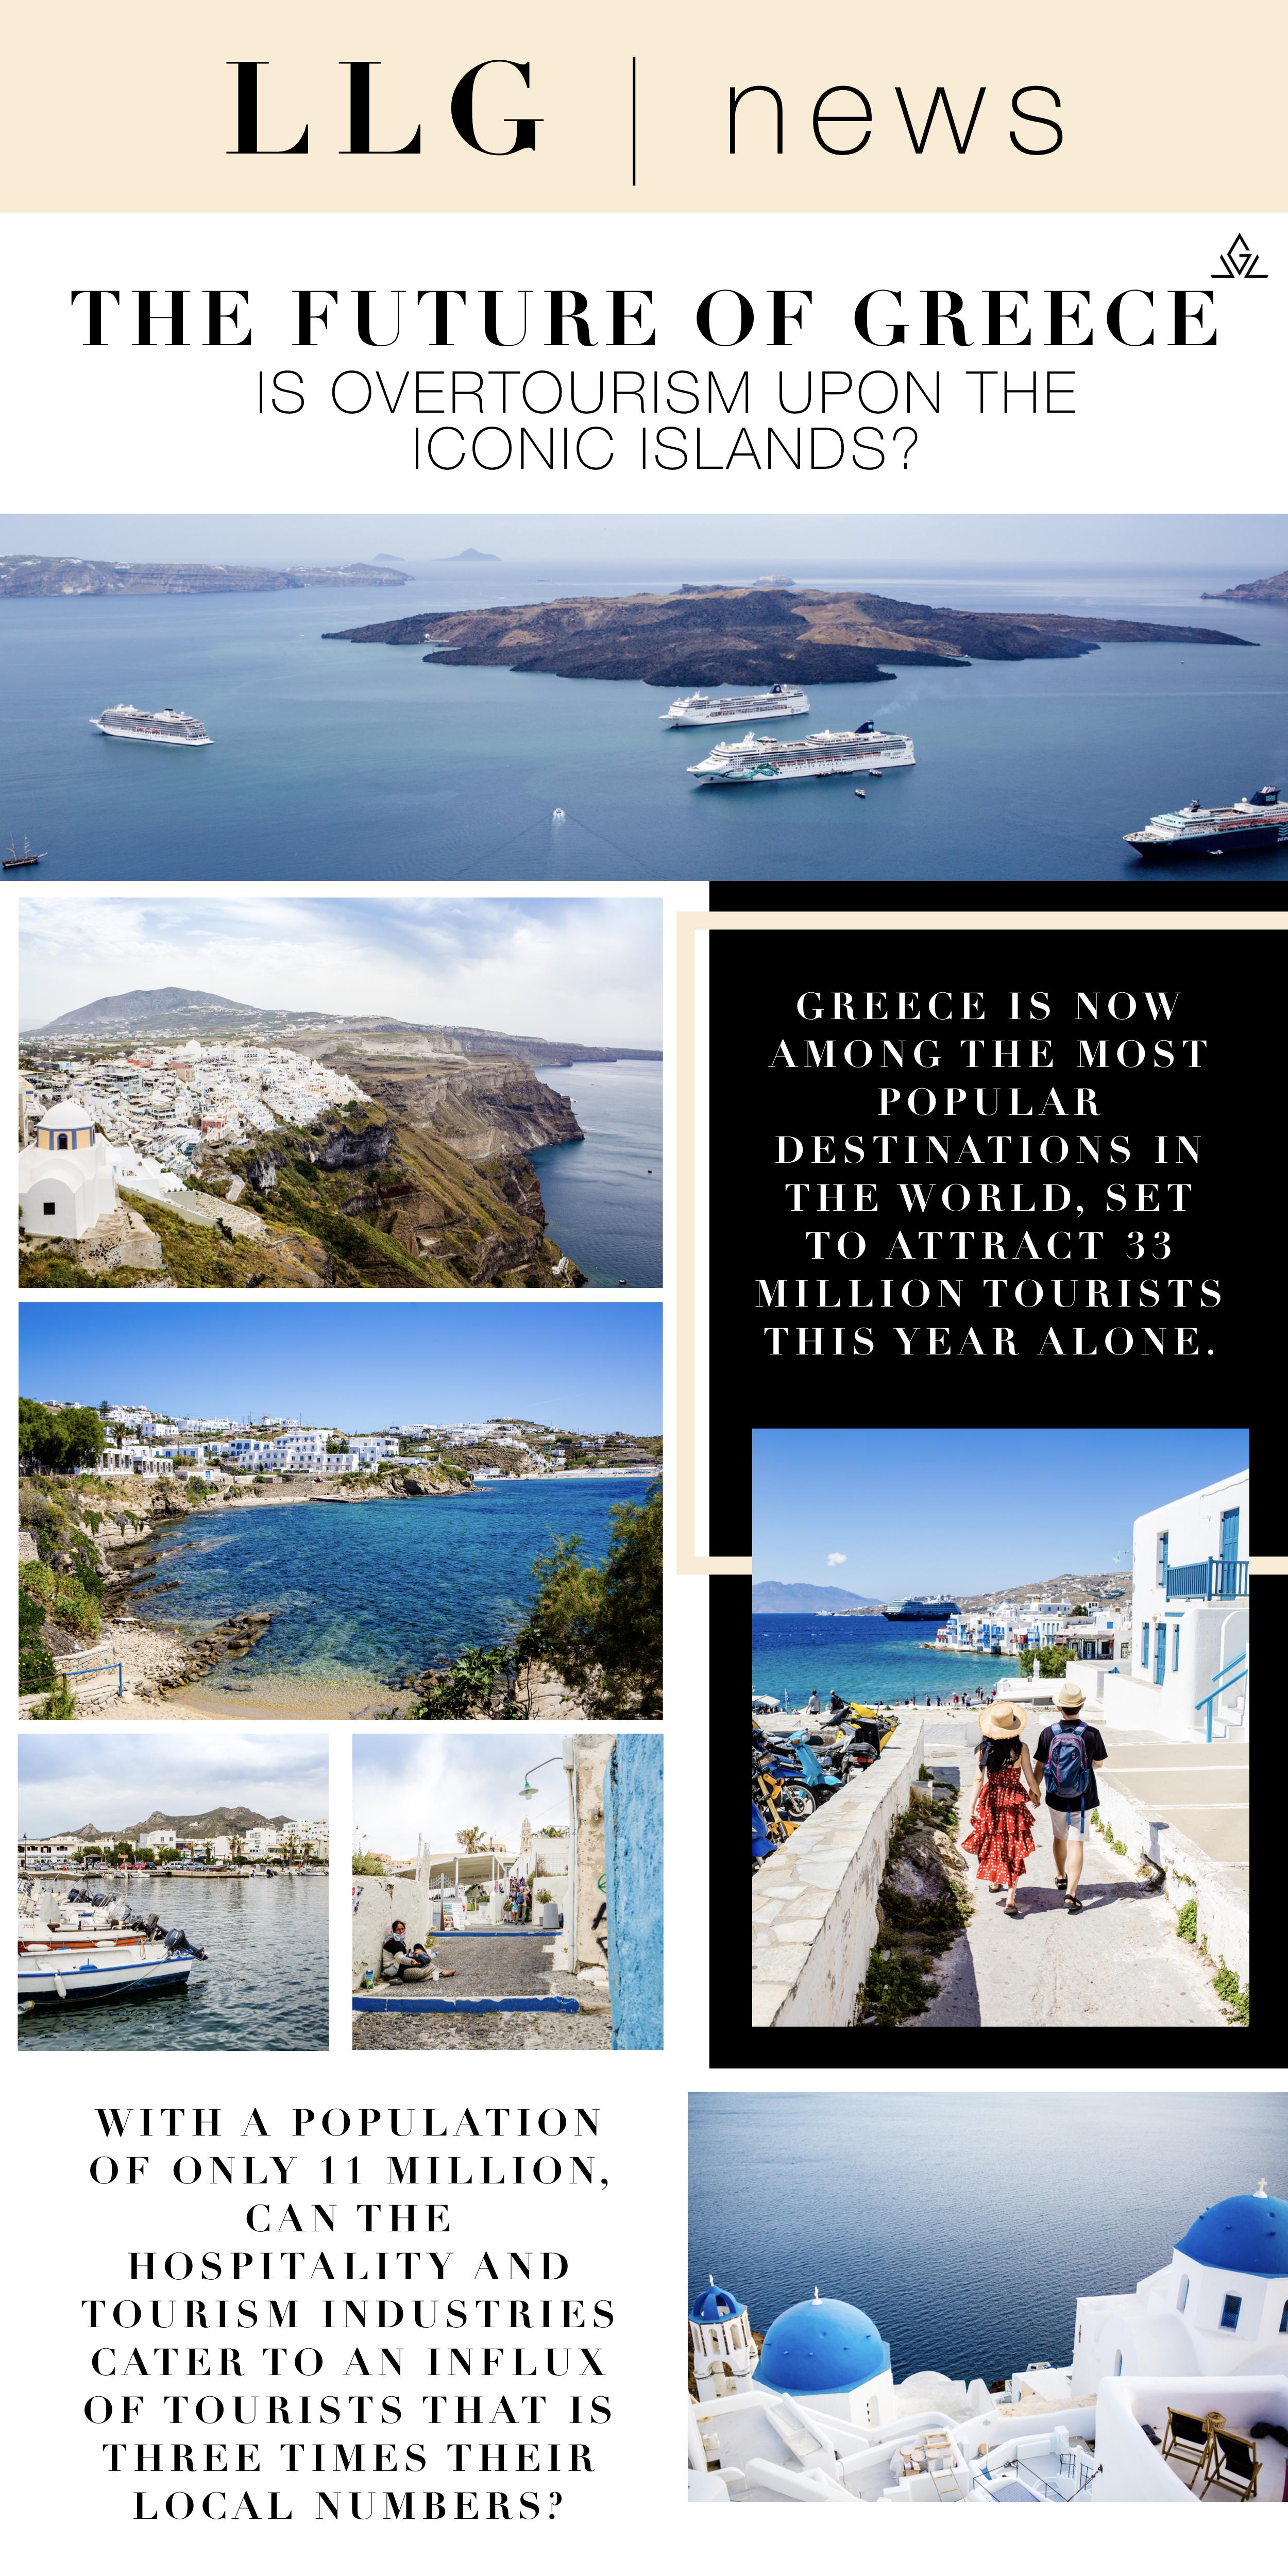 LLG_News_Overtourism_Future_Greece_001.jpeg